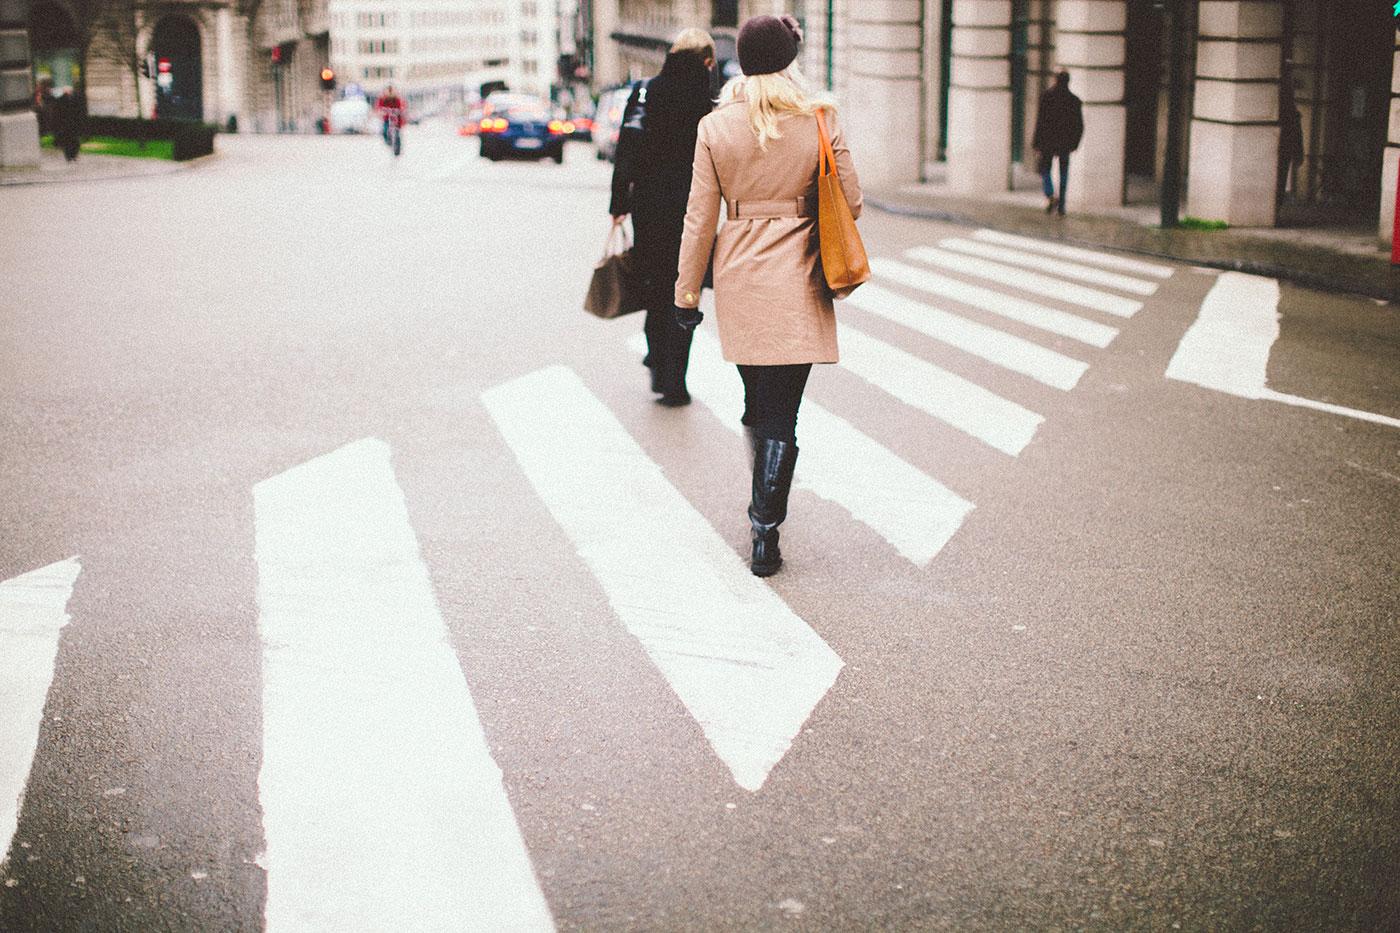 pedestrians-3